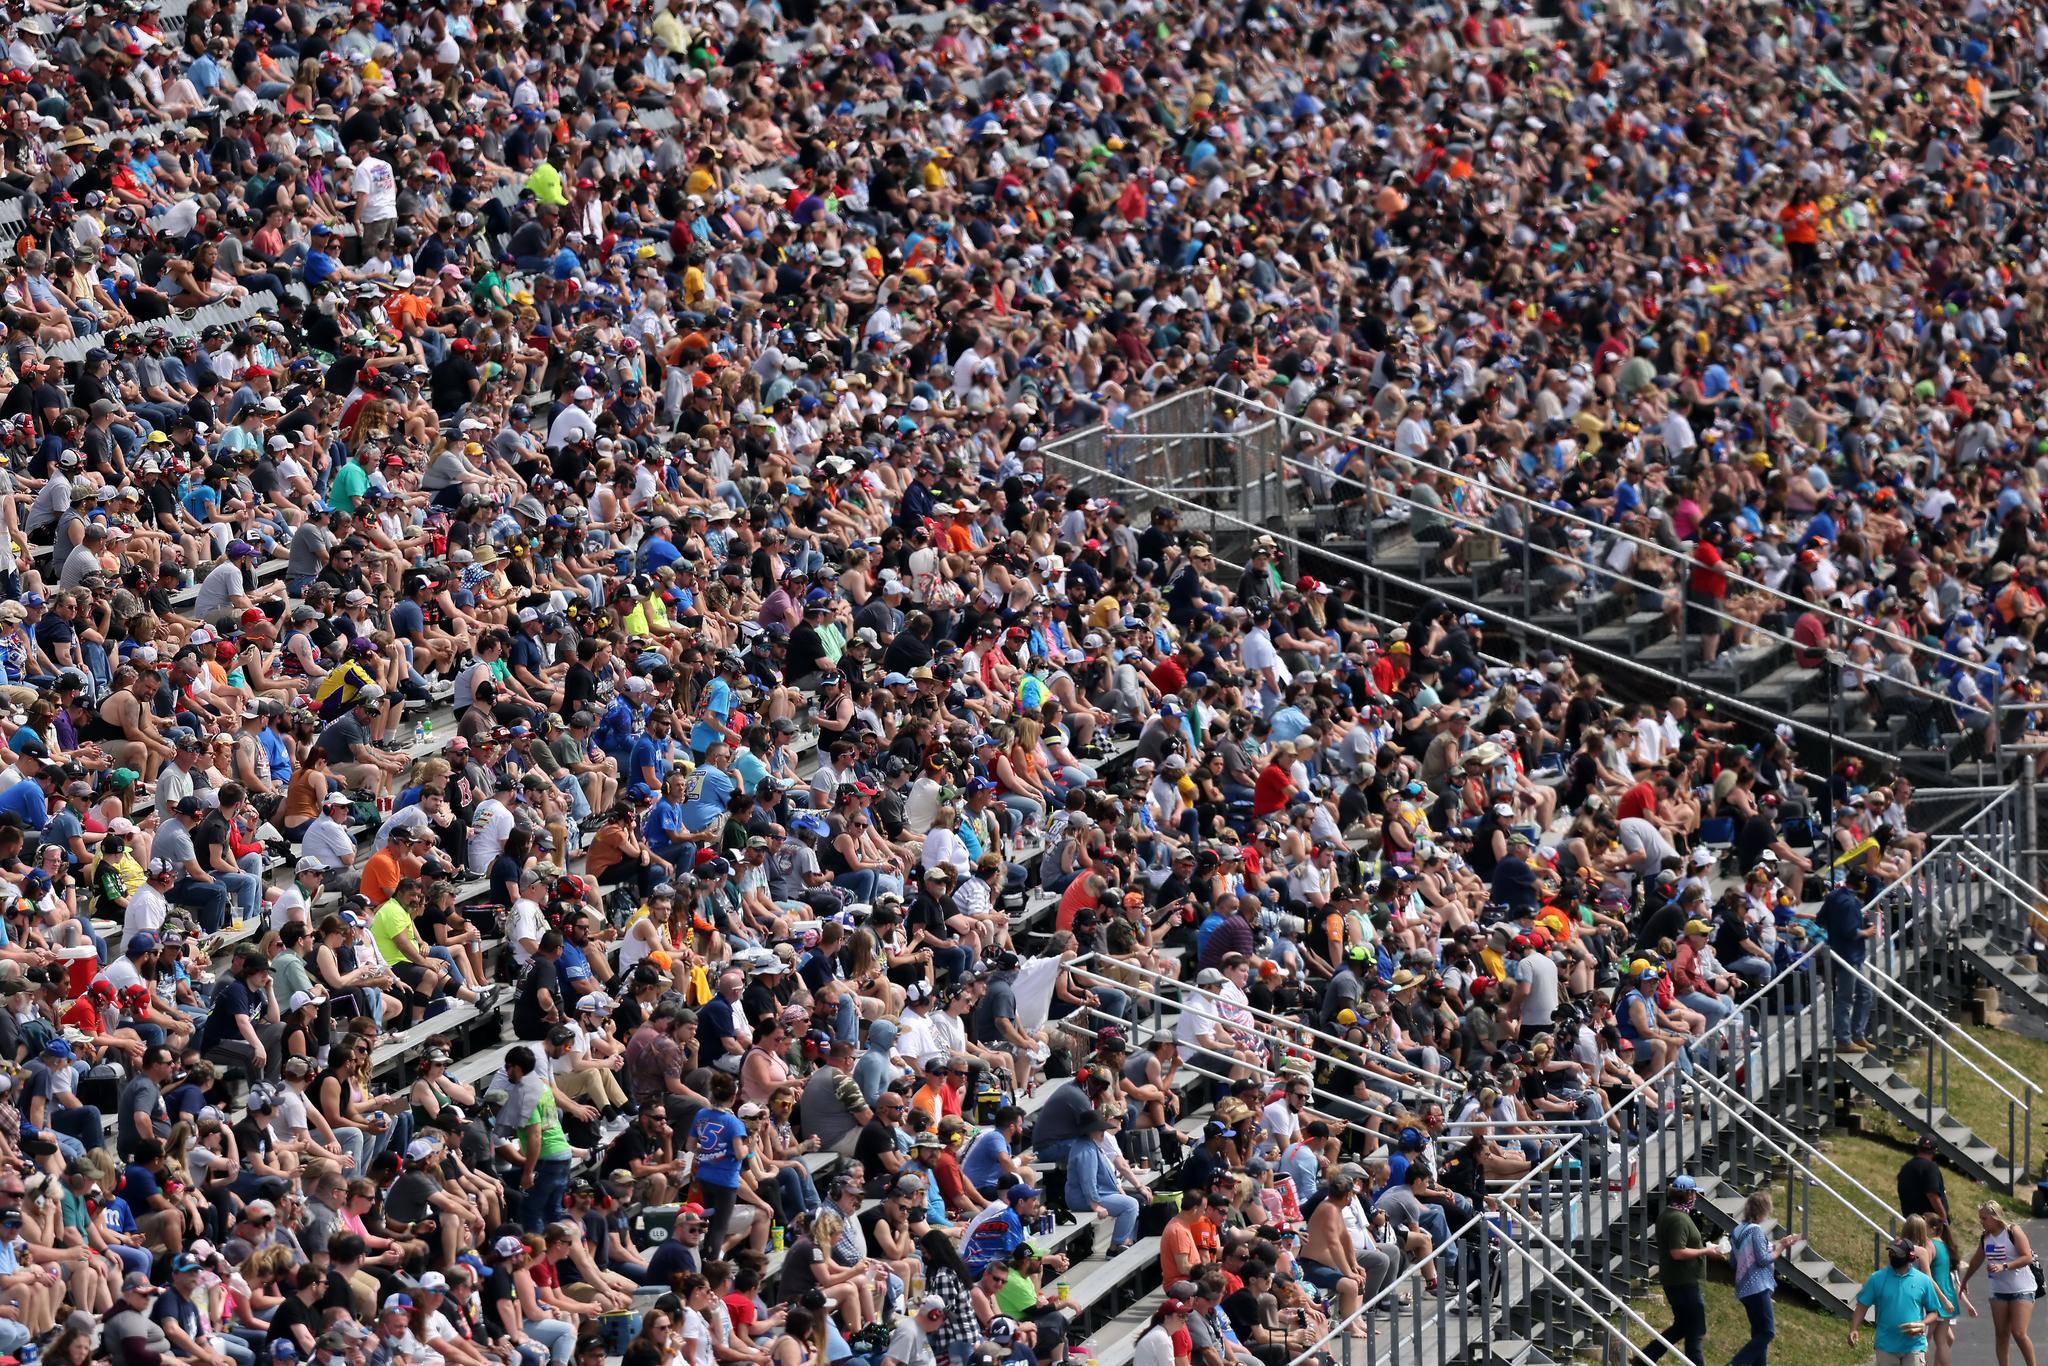 16일 나스카 컵 시리즈 드라이덴 400 경주가 열린 델라웨어 도버의 국제 스피드웨이. 마스크를 착용하지 않은 팬들이 스탠드를 가득 메우고 있다. AFP=연합뉴스